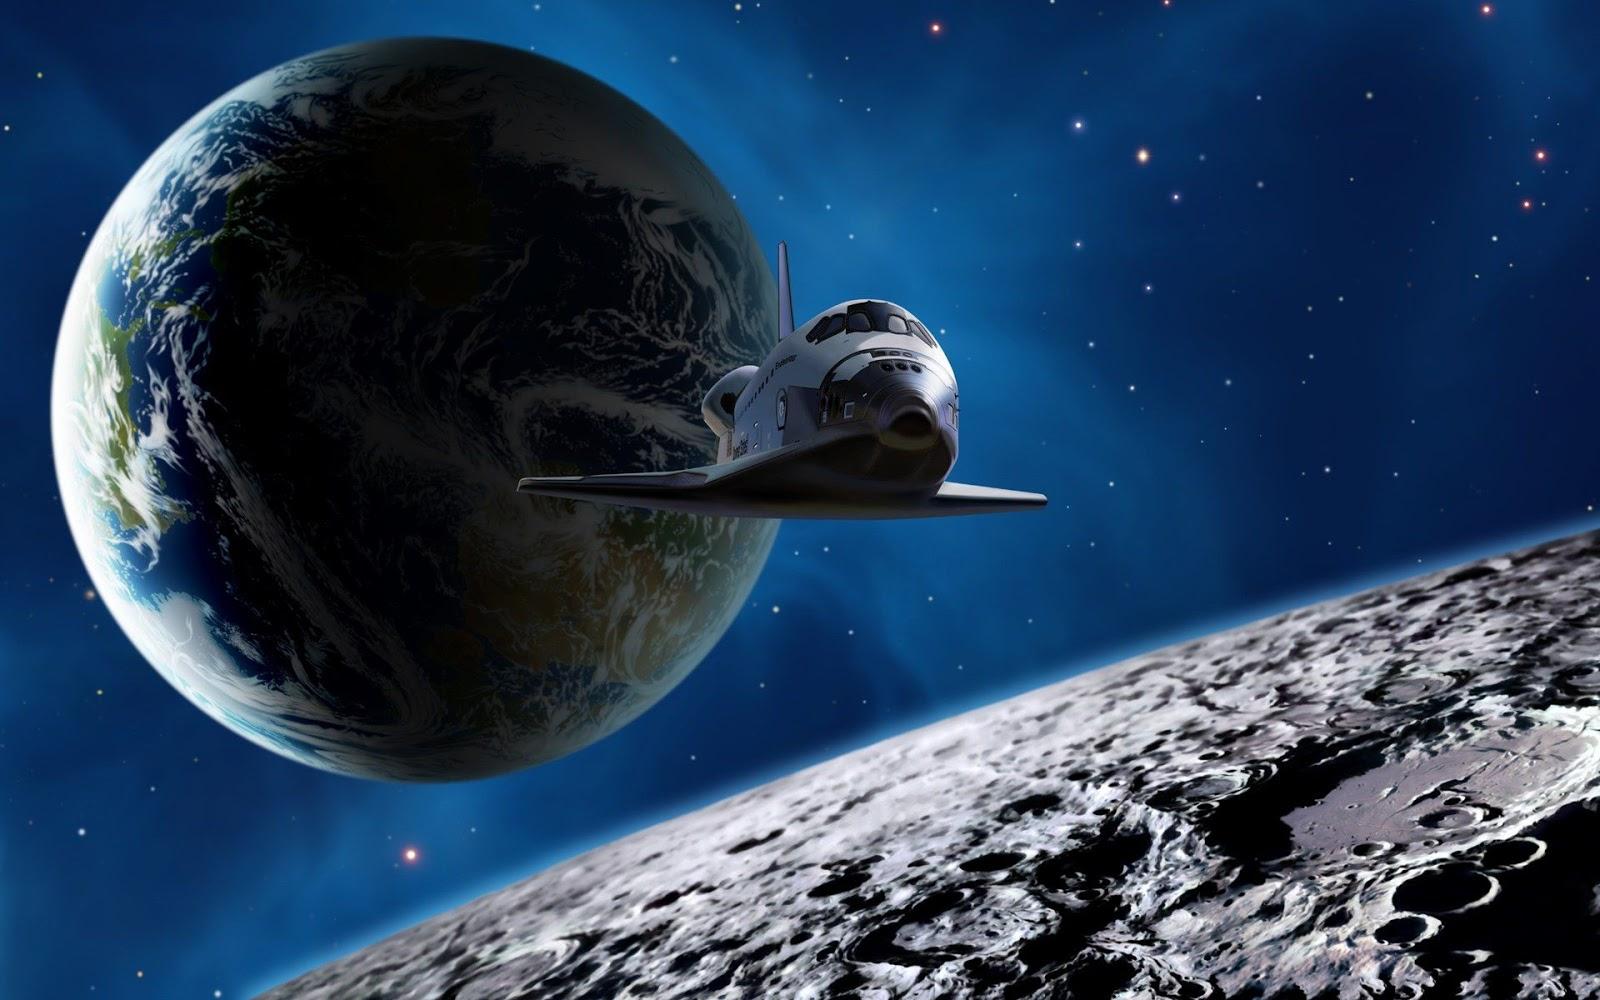 Ψυχρός πόλεμος στο διάστημα και κούρσα εξοπλισμών μεταξύ ΗΠΑ-Ρωσίας